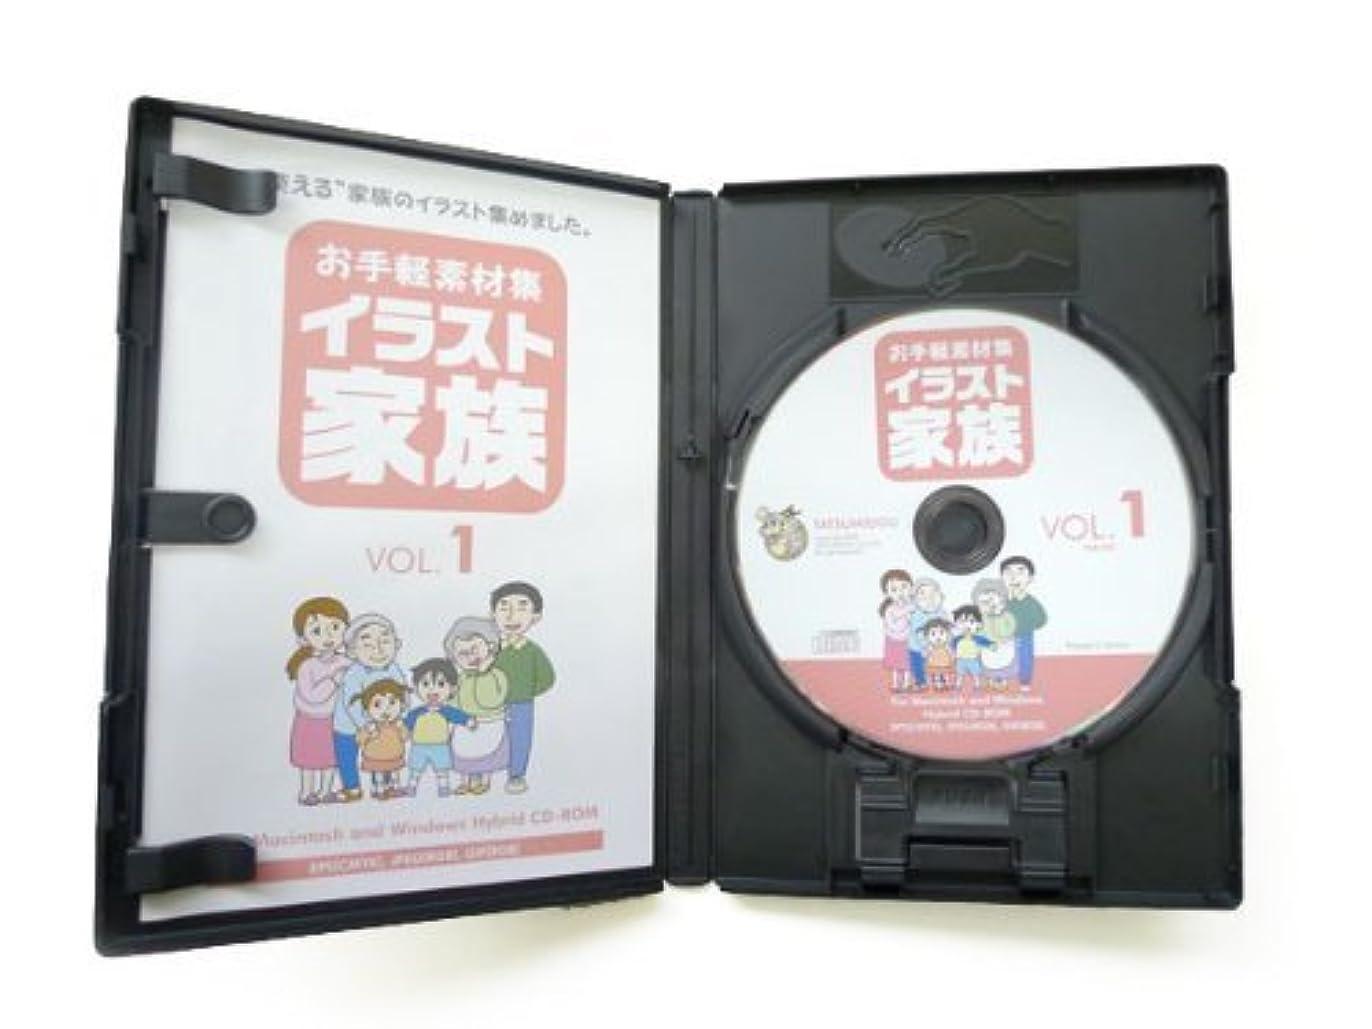 遠近法構成結婚するWord ExcelやIllustratorに使えて便利! お手軽素材集CD-ROM イラスト家族vol.1